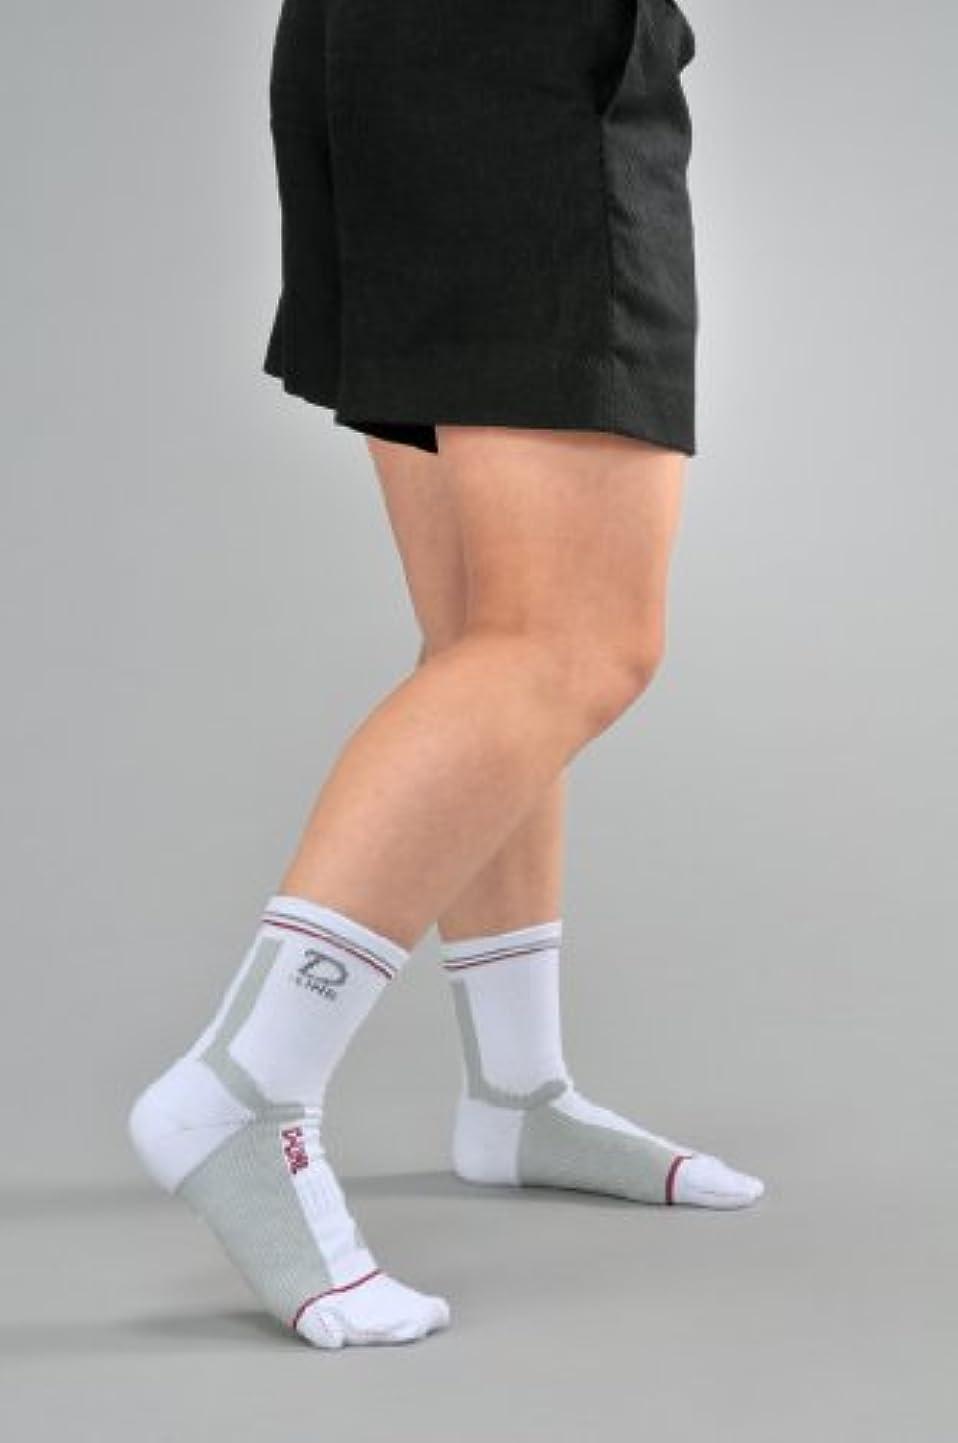 ゴルフ専用ソックス D-LINEサポートソックスショート ホワイトL